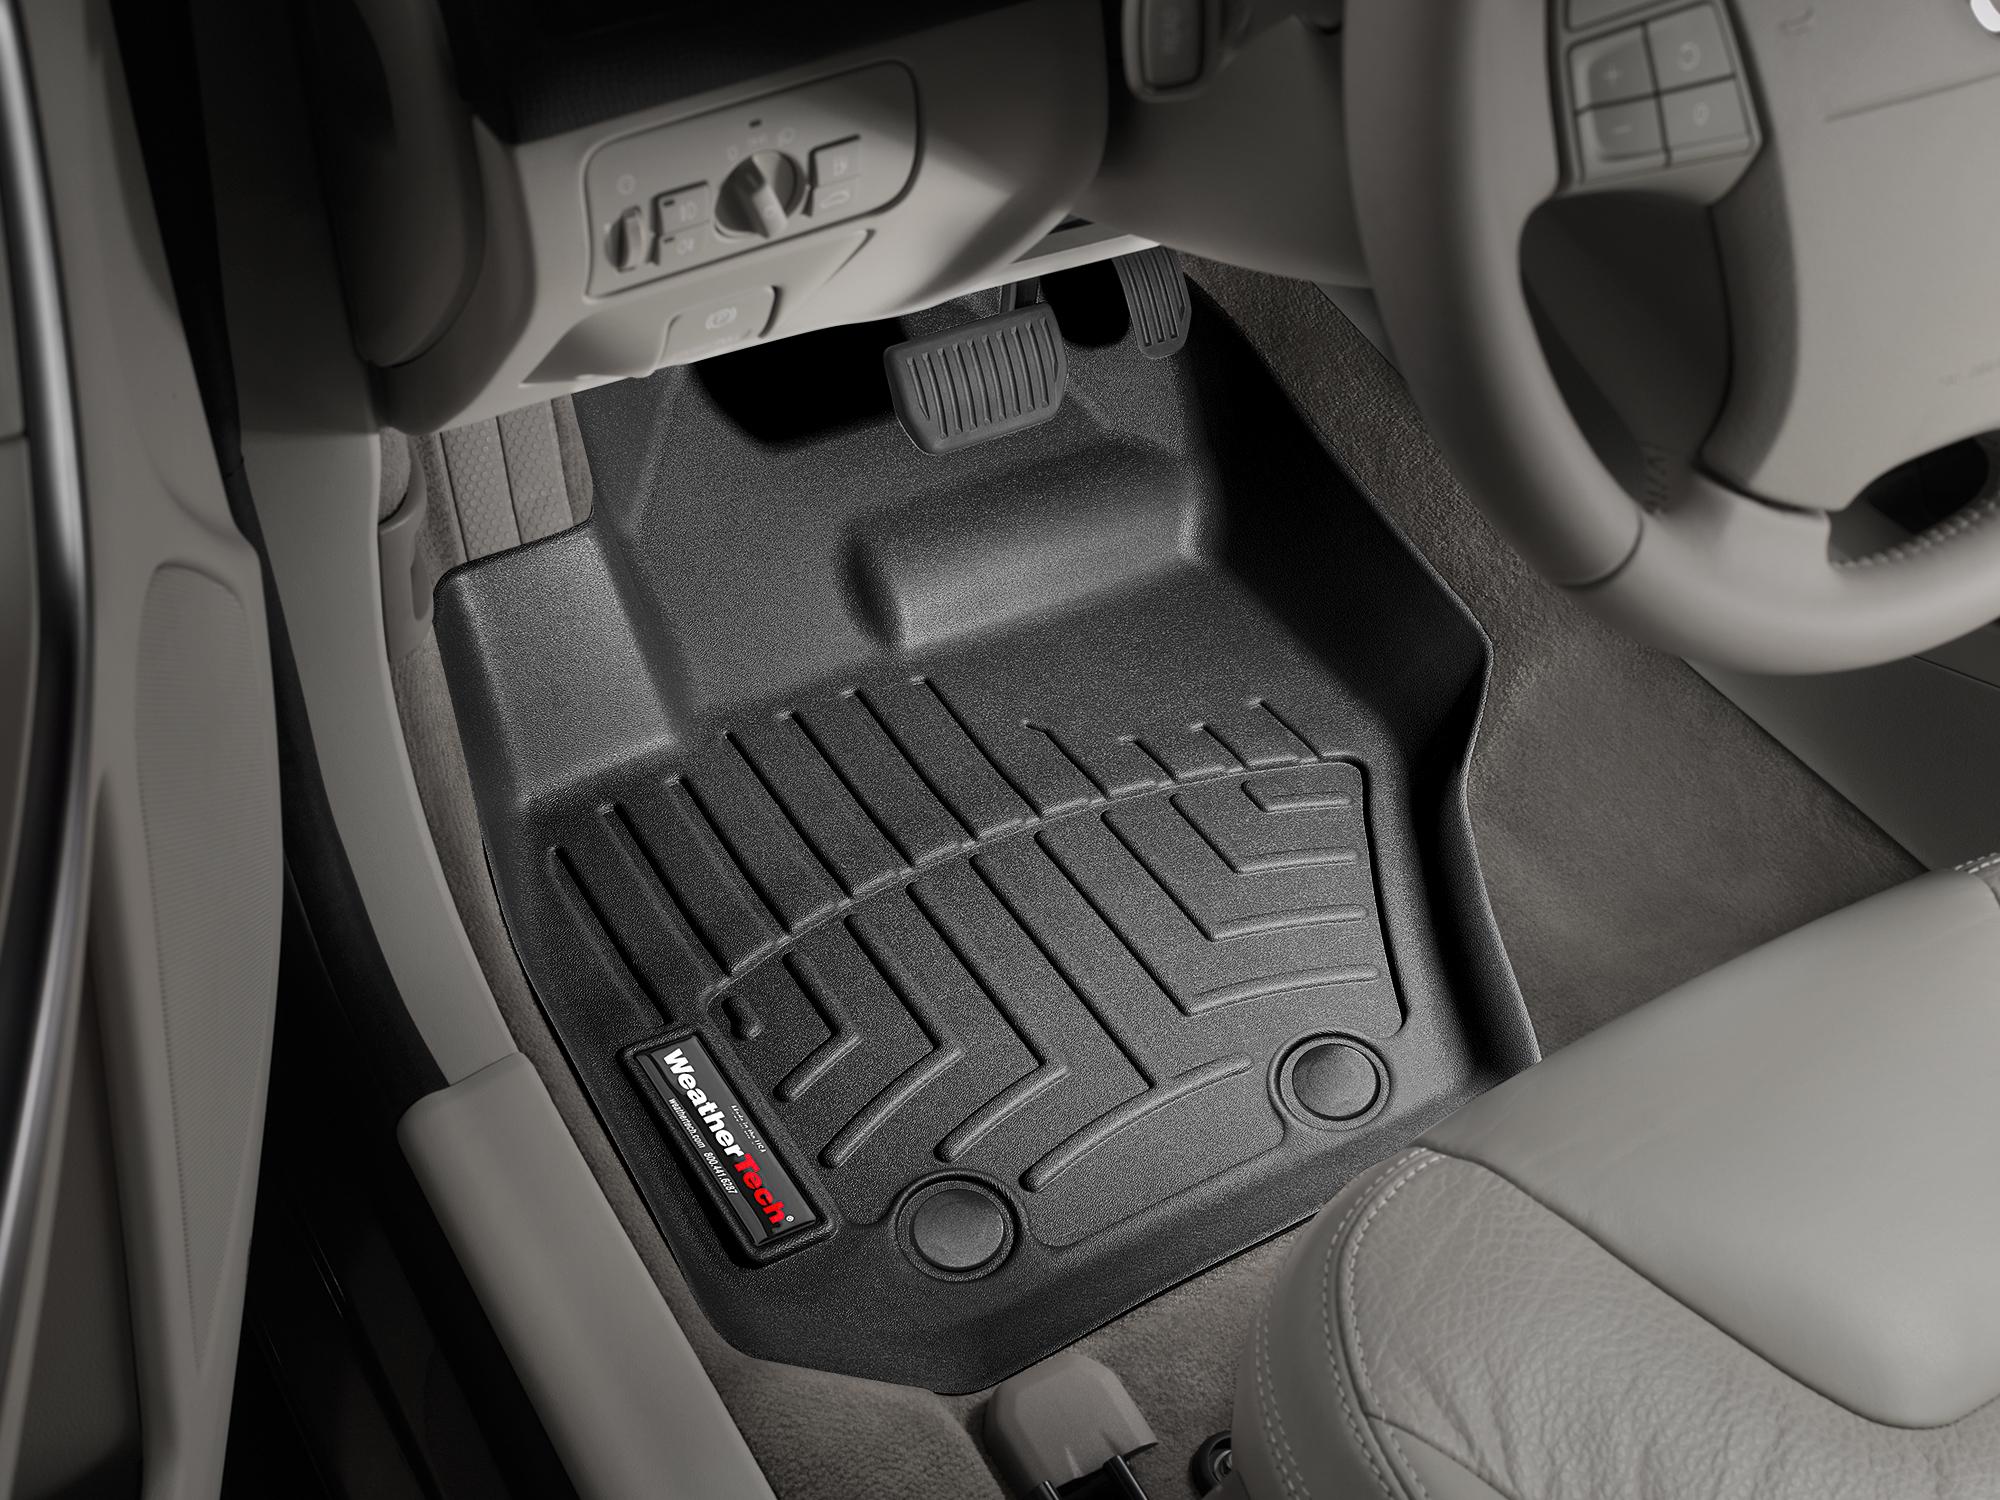 Tappeti gomma su misura bordo alto Volvo XC60 08>17 Nero A4423*